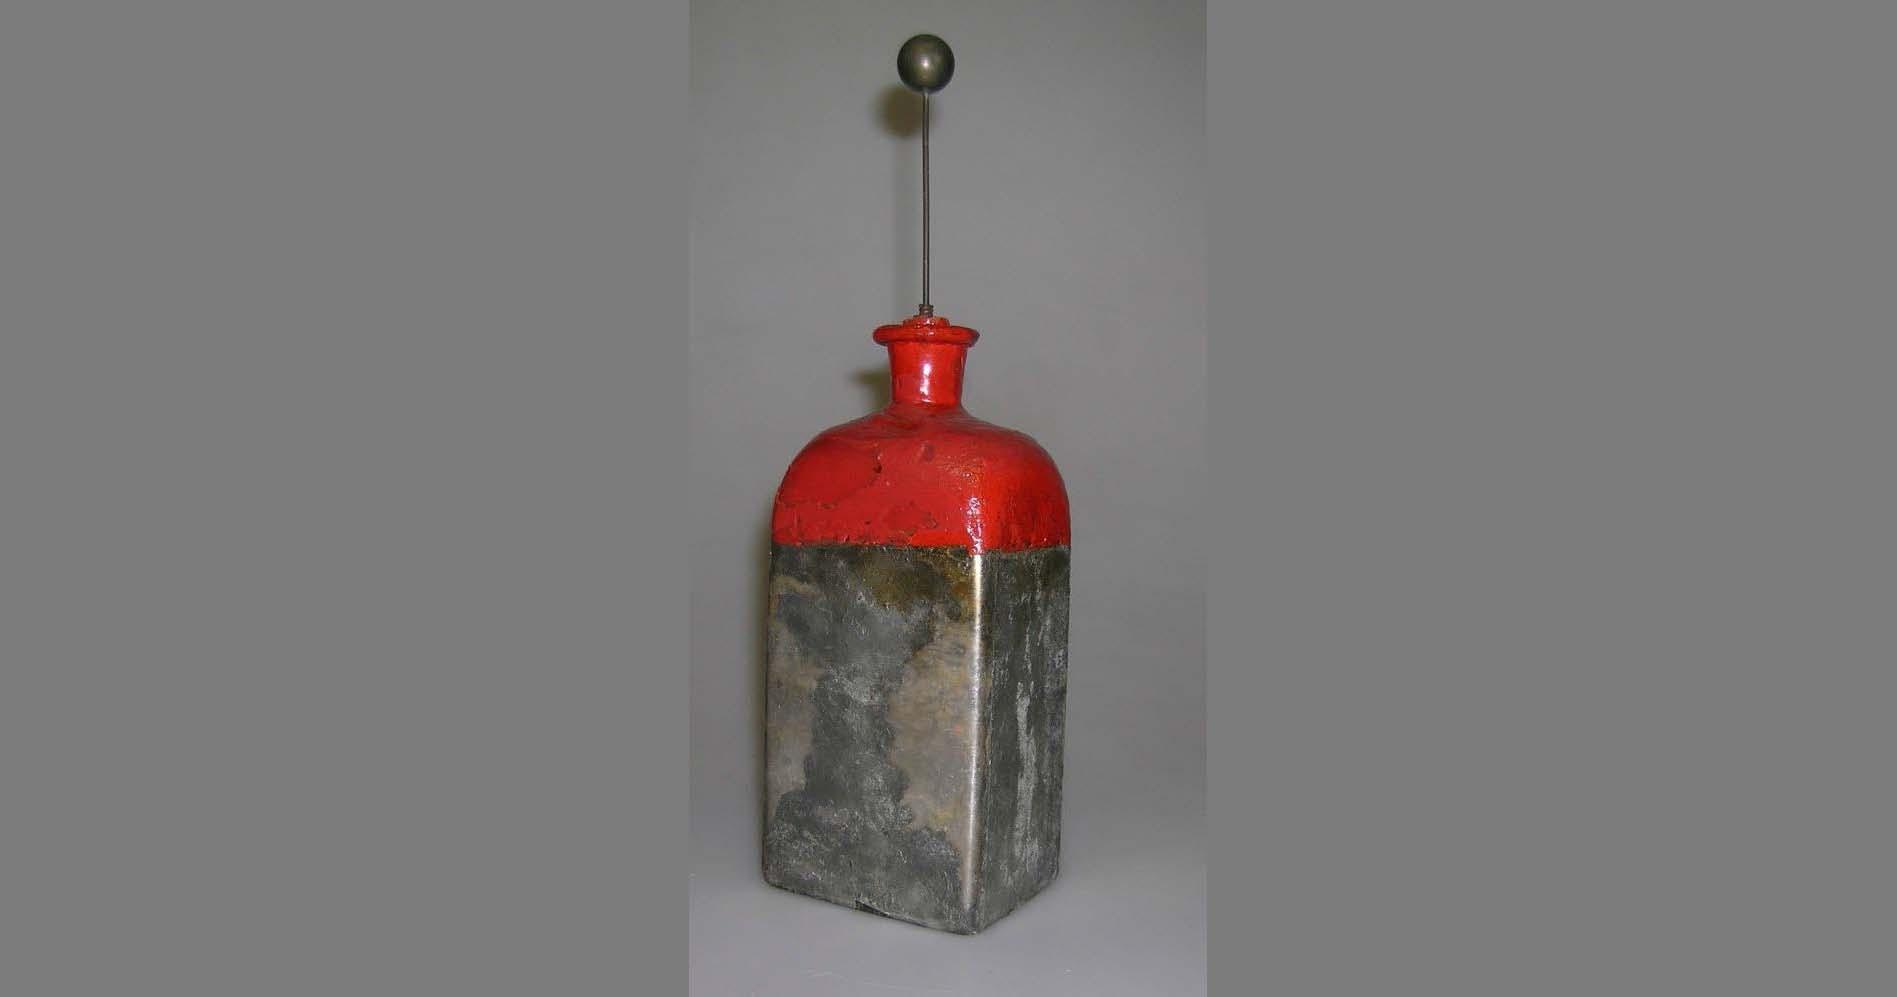 Fino al 23 dicembre - Mostra di strumenti scientifici antichi dalle collezioni dell'Università di Pavia e dalla Collezione Chierichetti